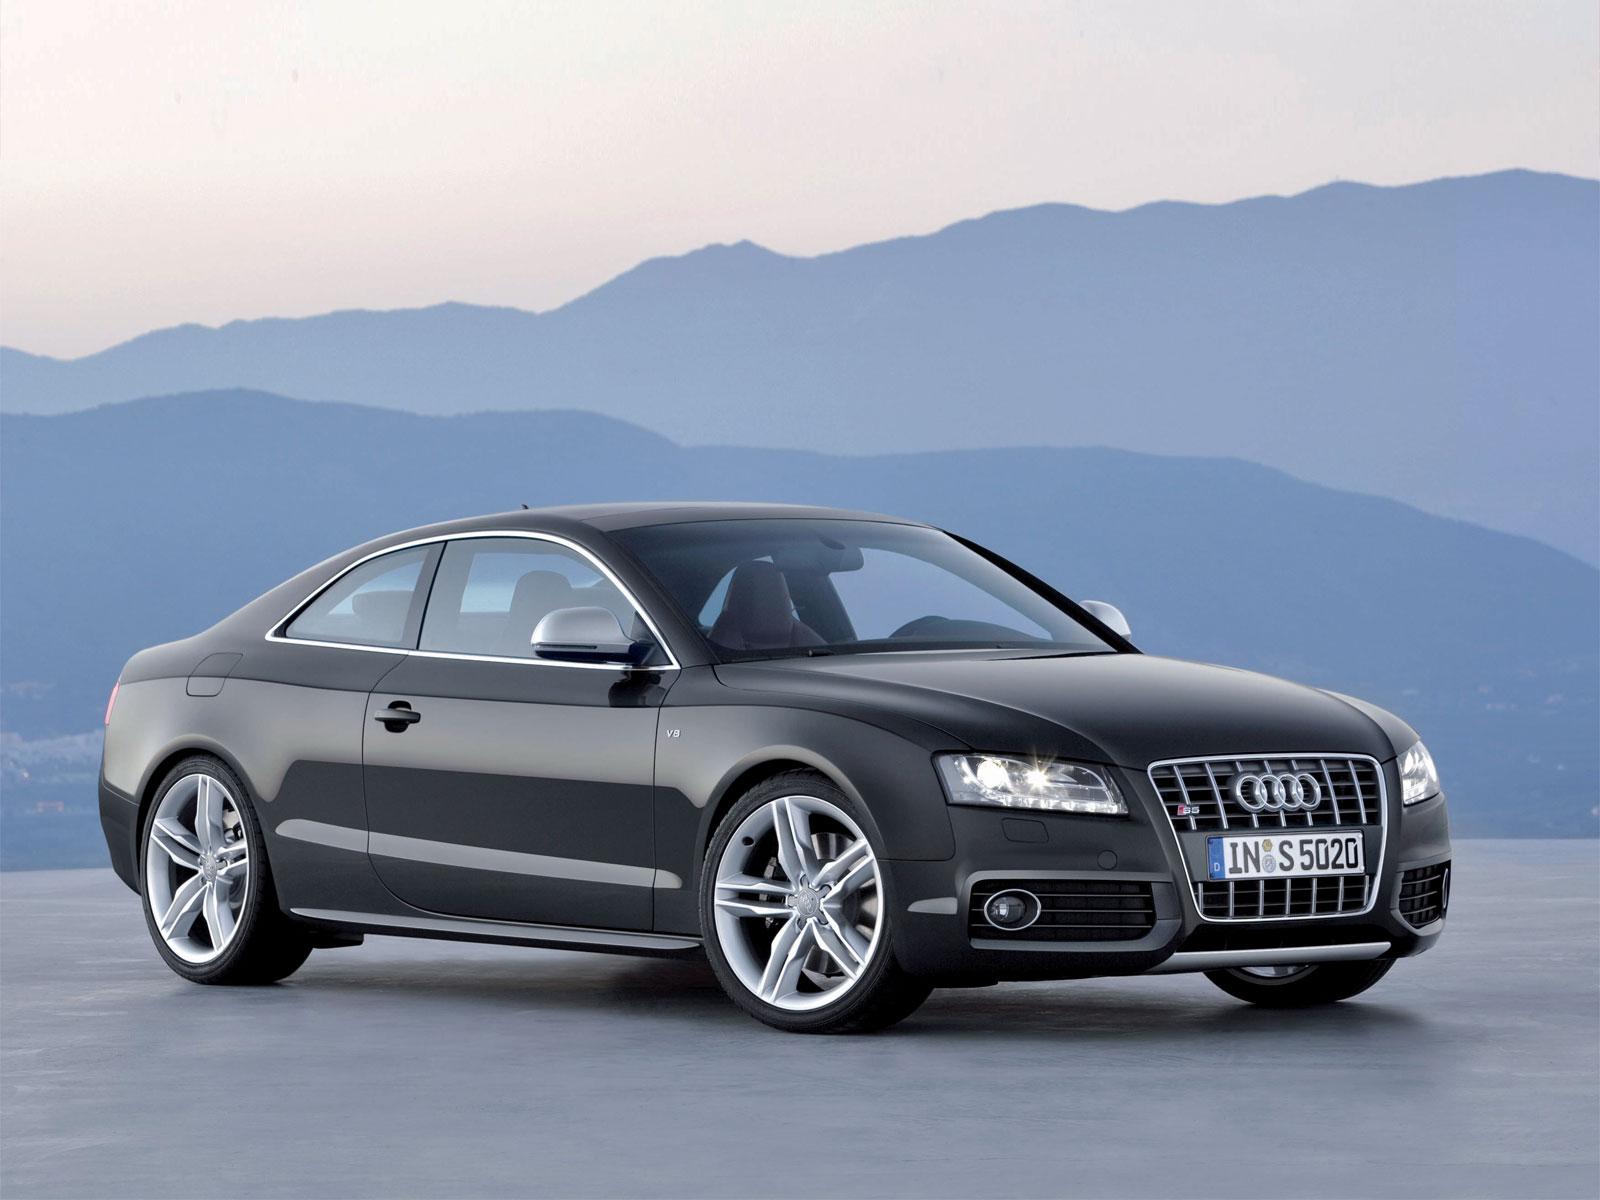 Audi Cars 81 Desktop Wallpaper